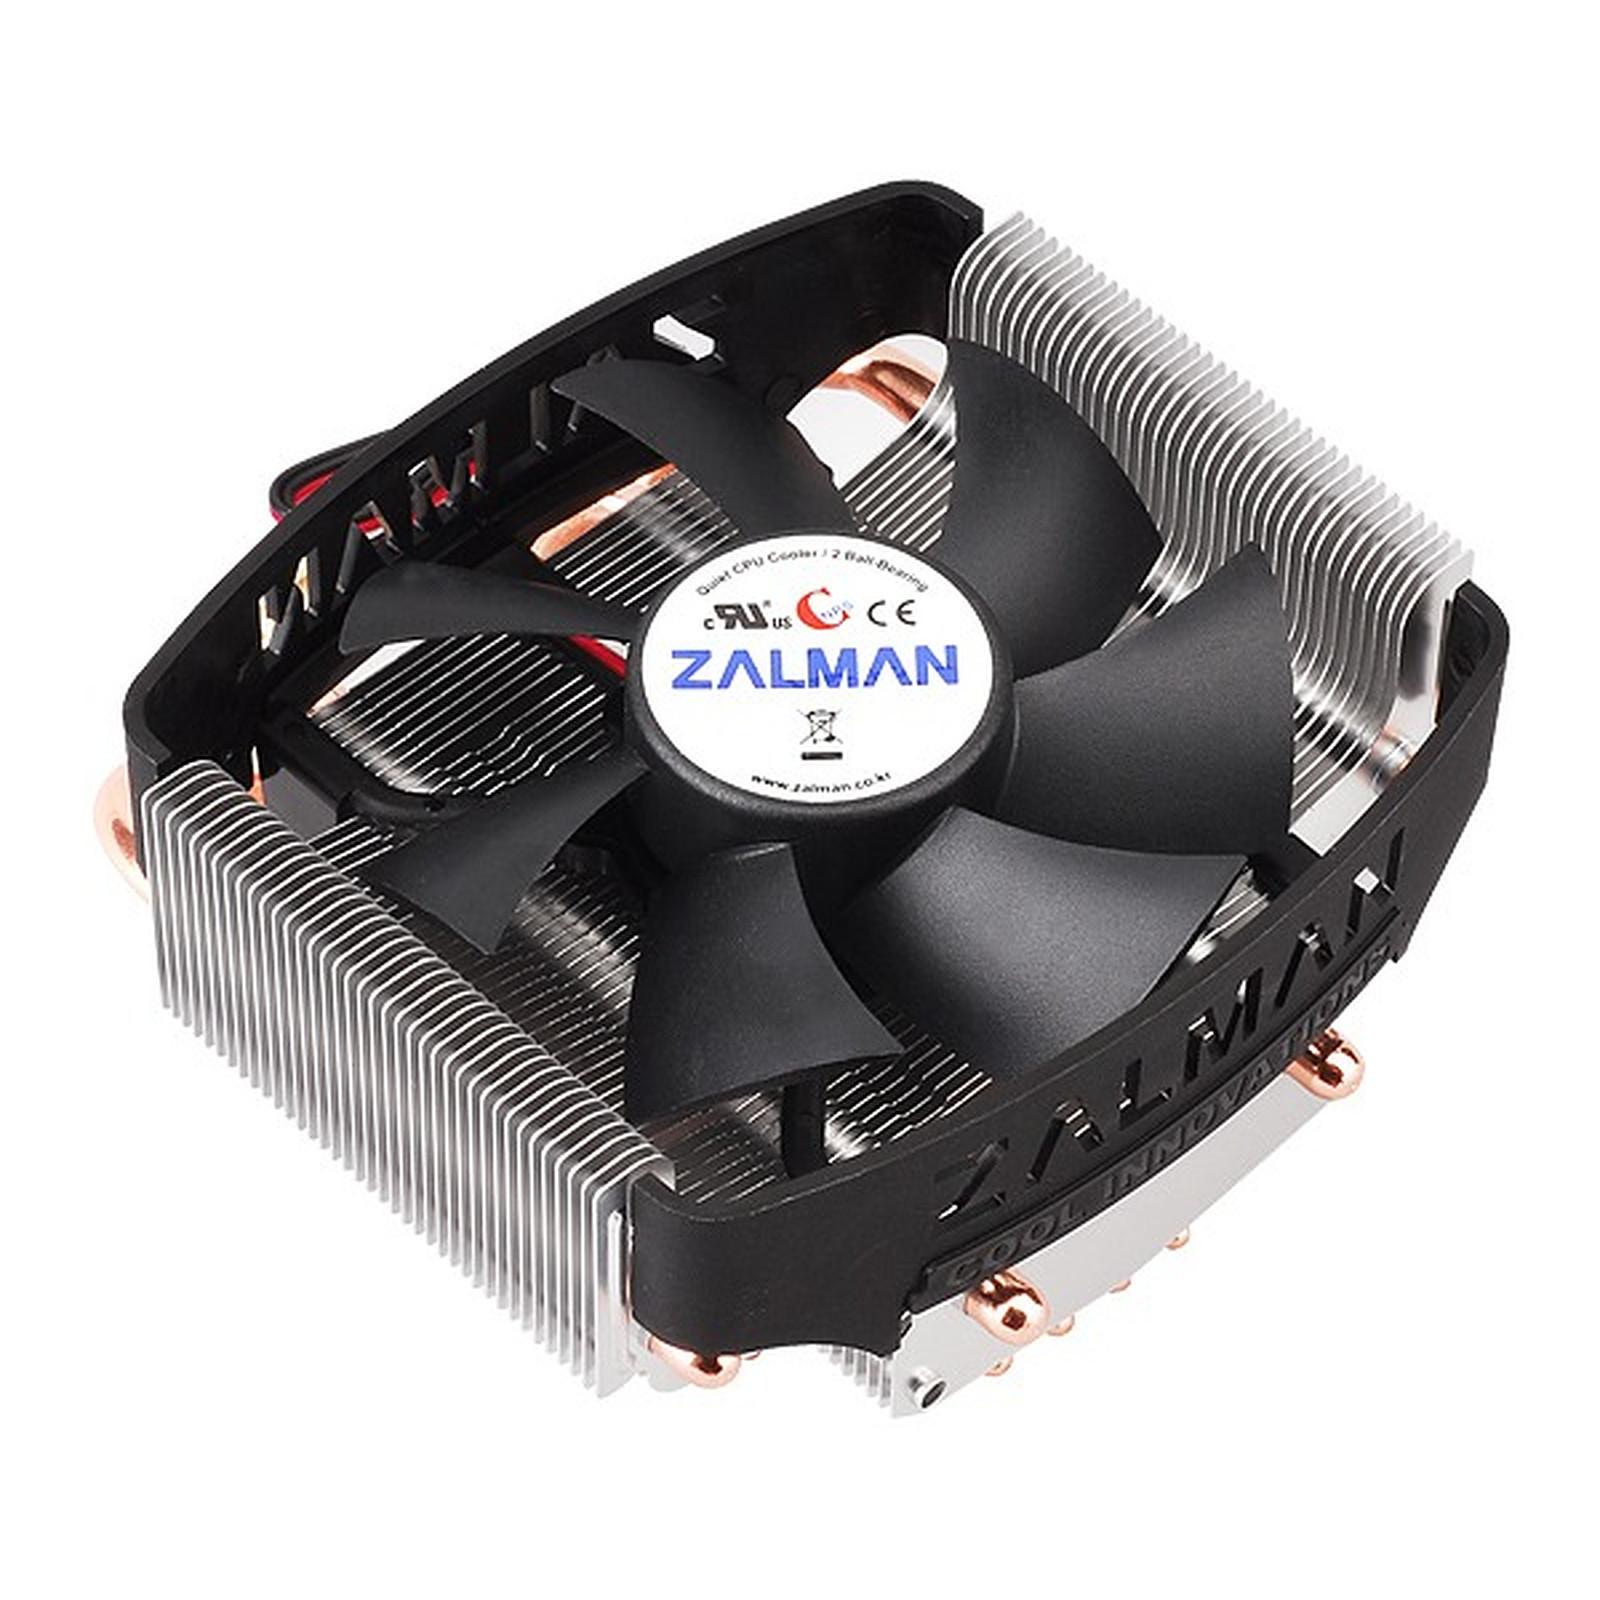 Zalman CNPS8000A